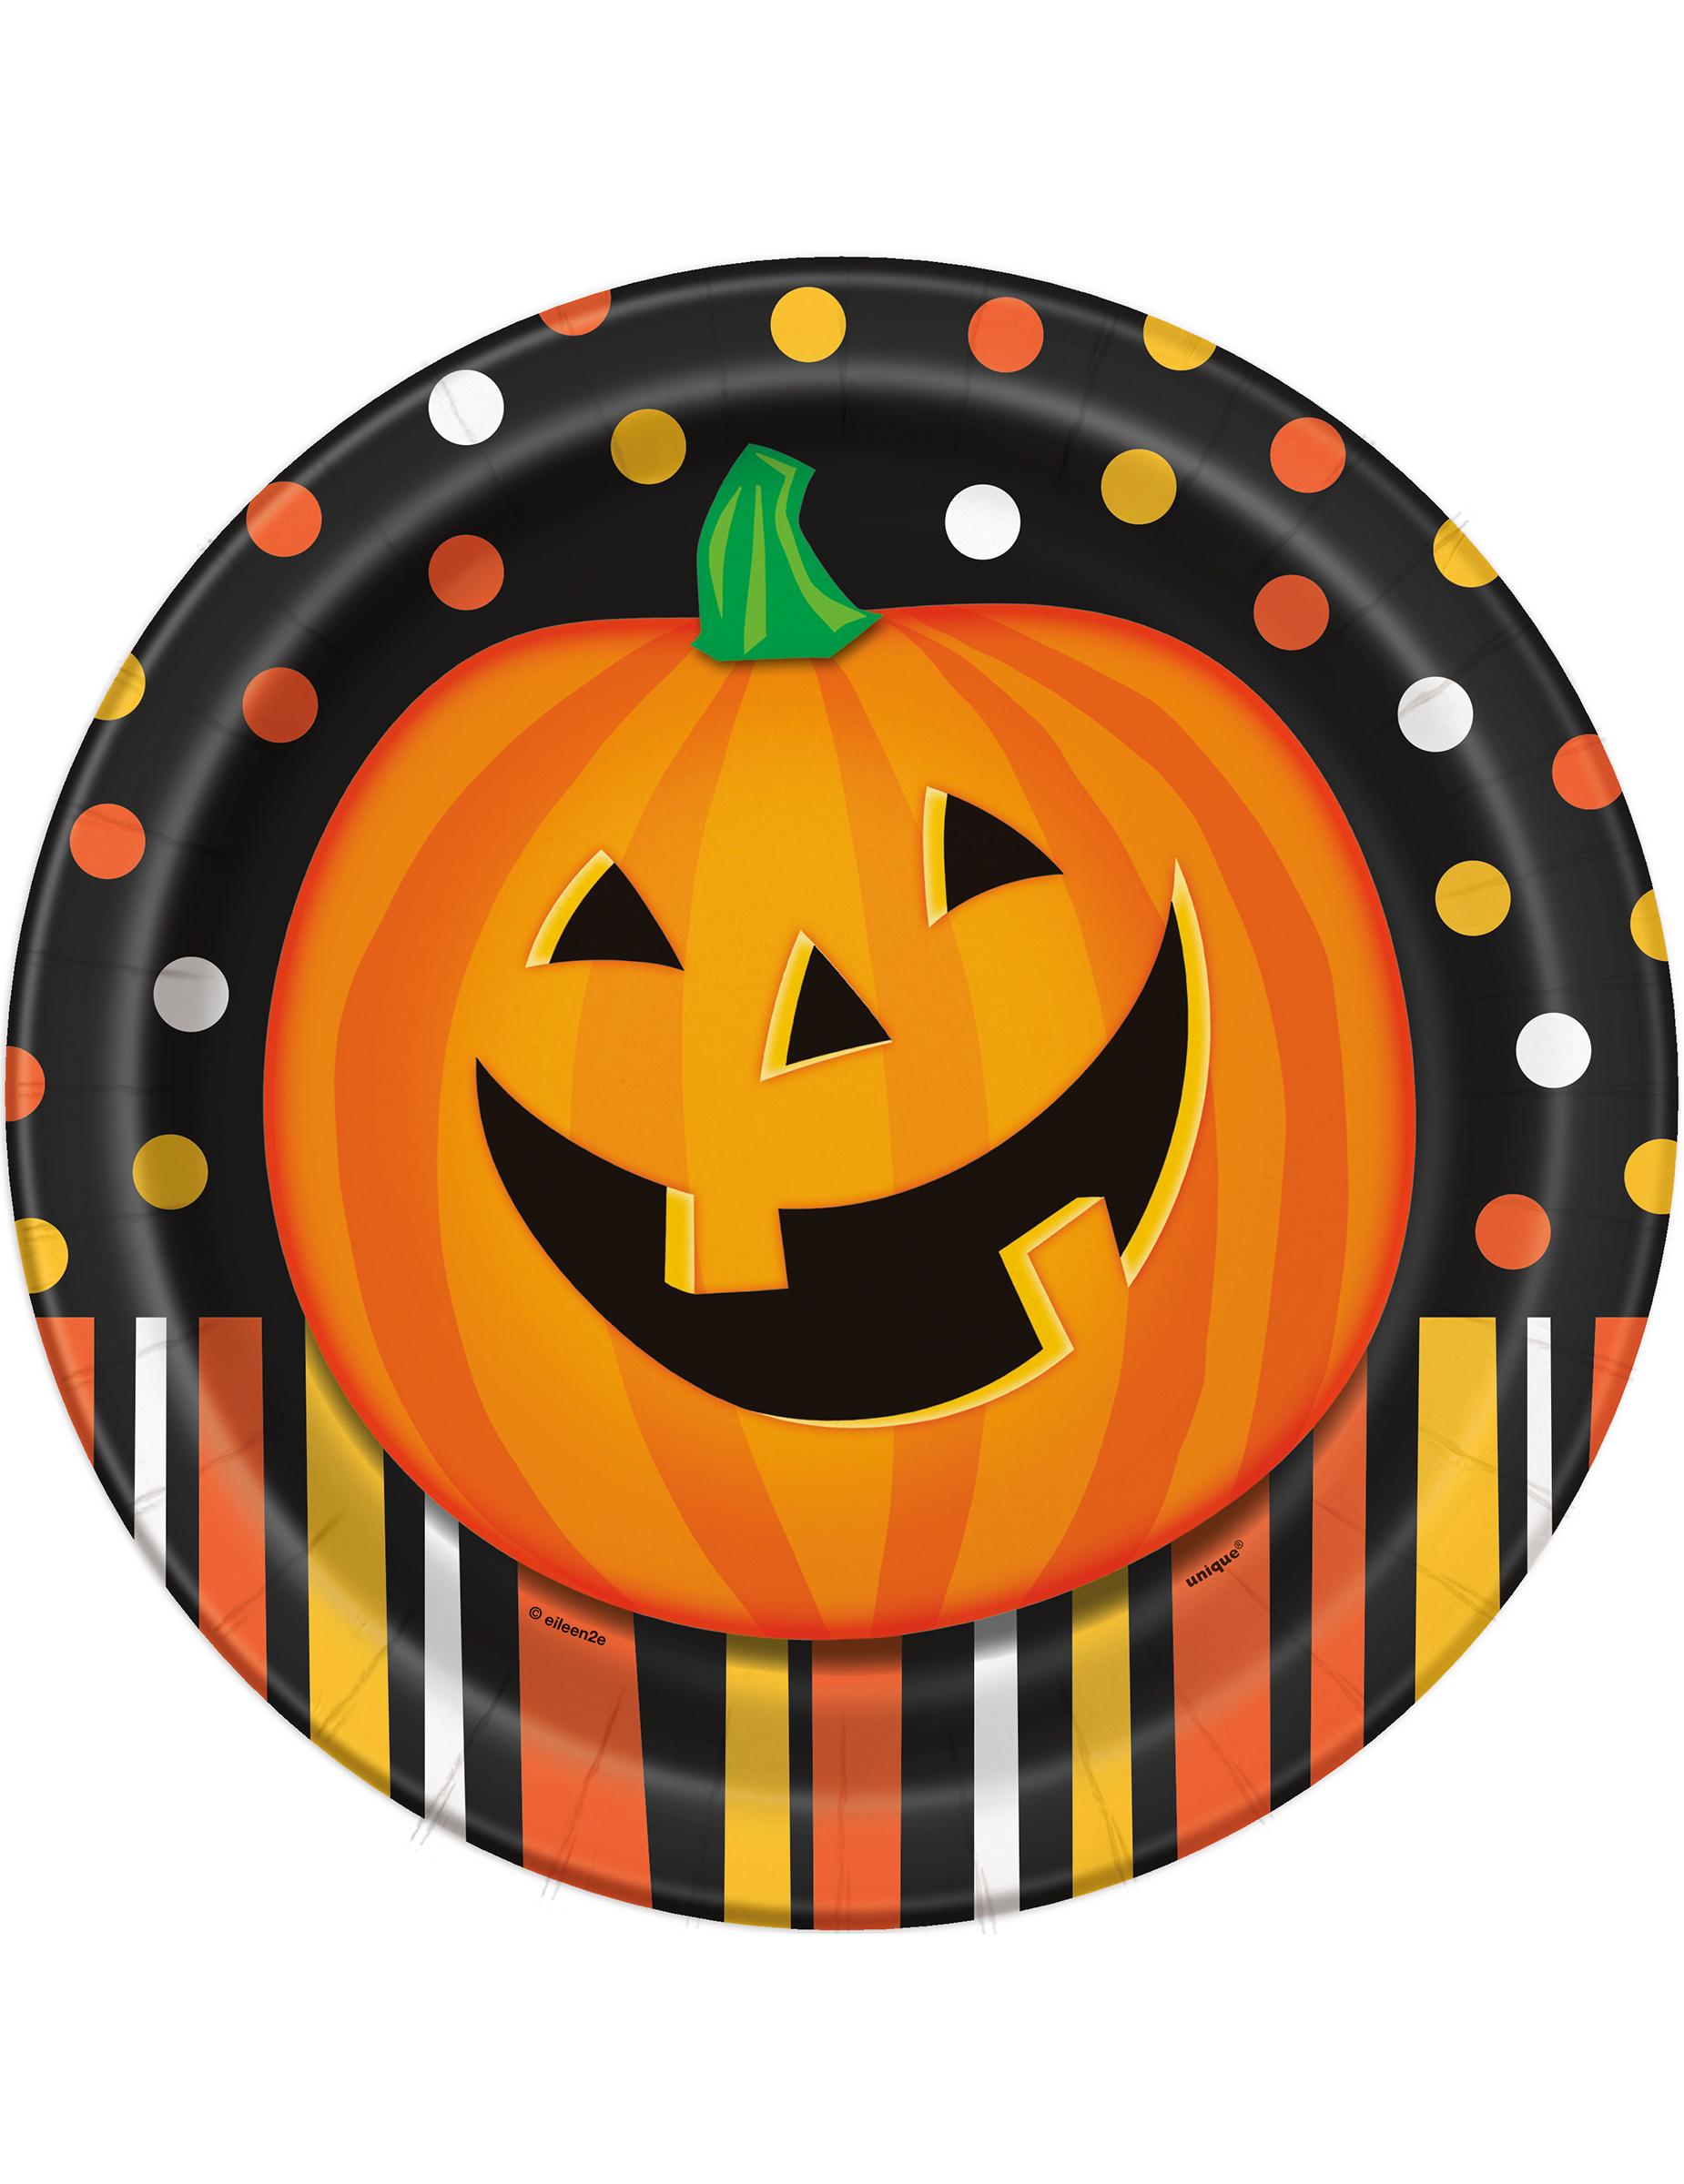 Confezione di 8 piatti con zucca di Halloween  Addobbi 9a11e1c64928